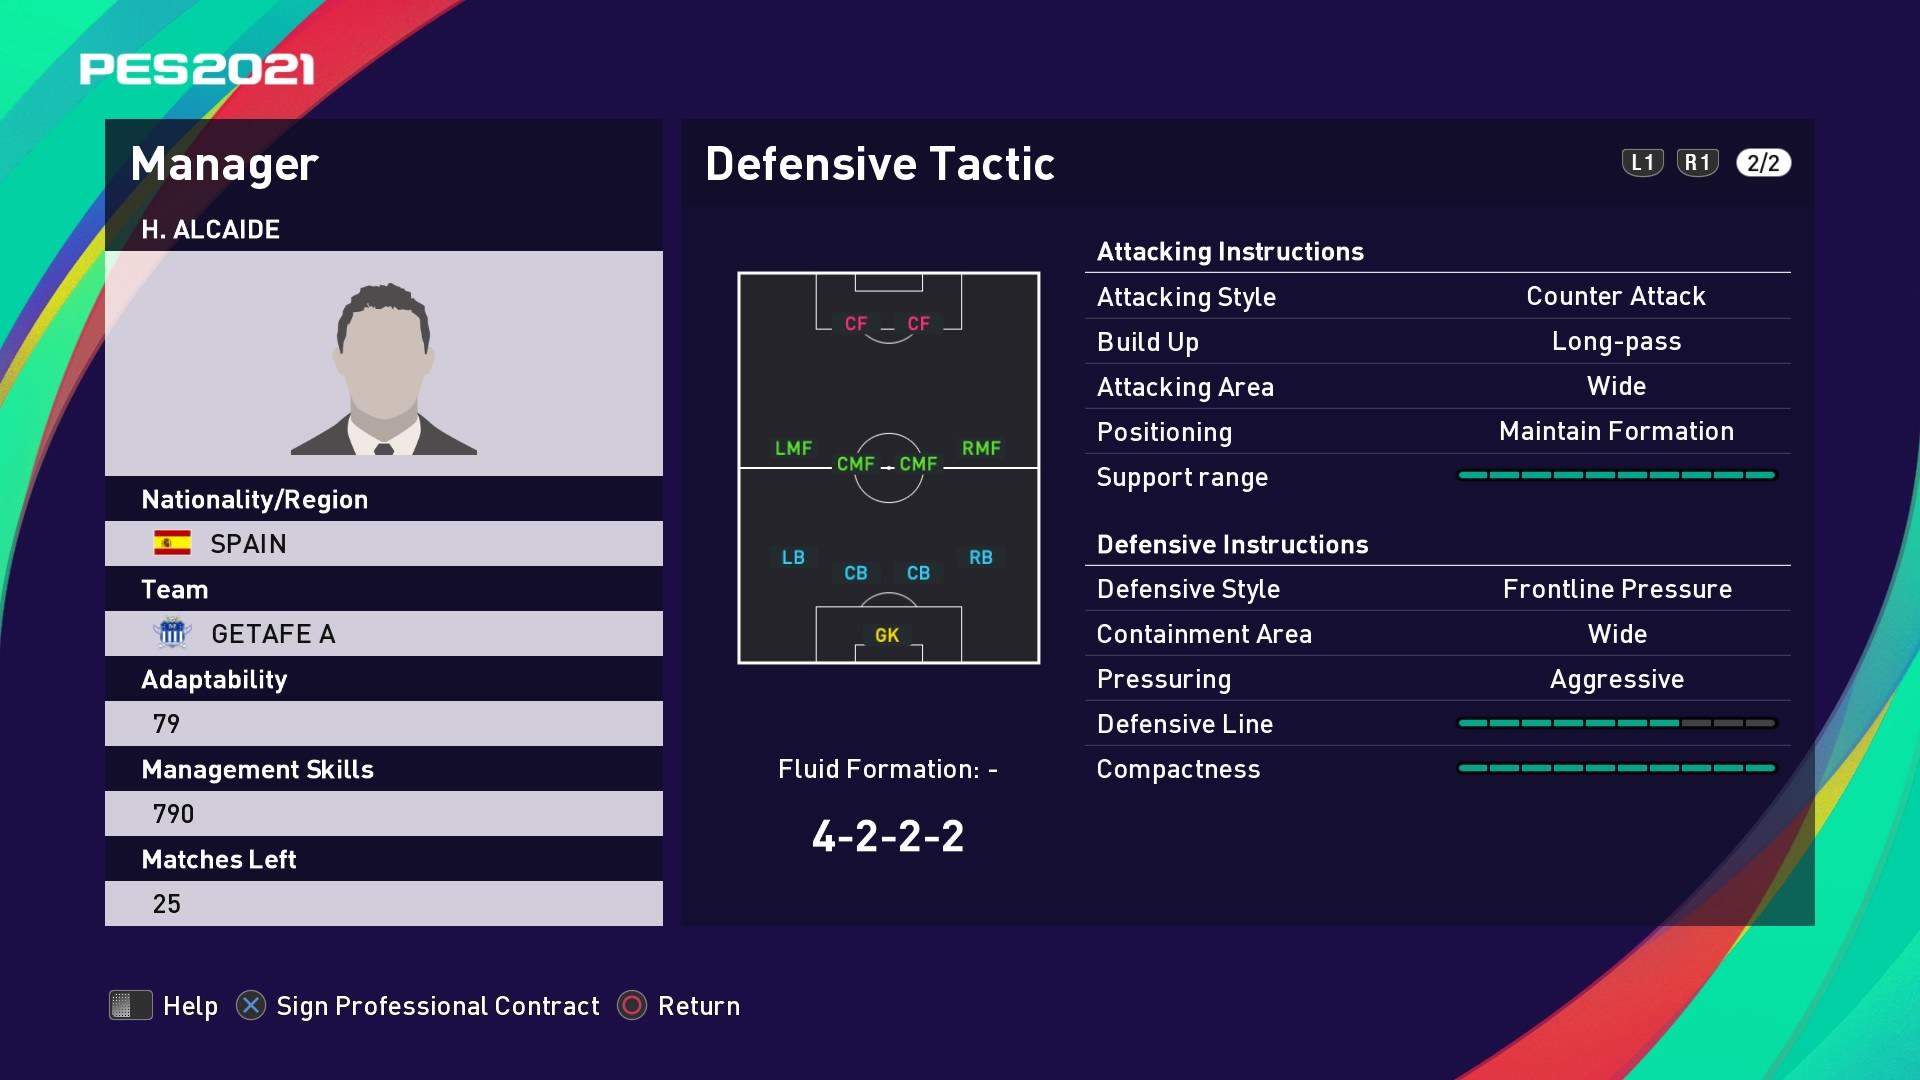 H. Alcaide (José Bordalás) Defensive Tactic in PES 2021 myClub